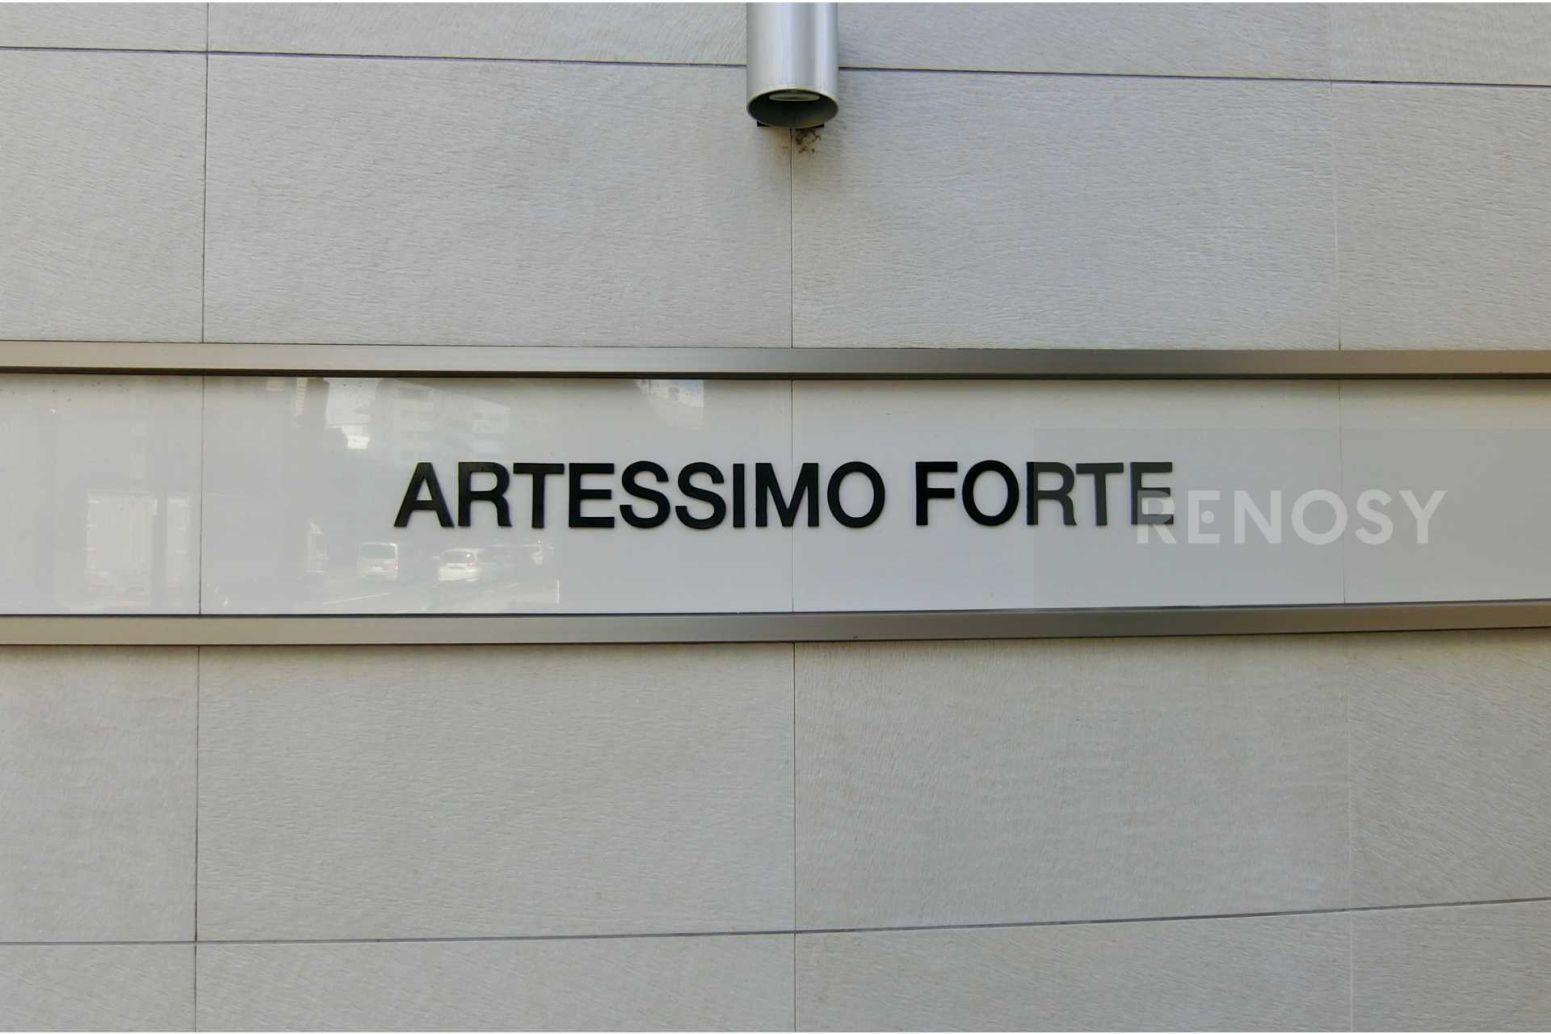 ARTESSIMOFORTE